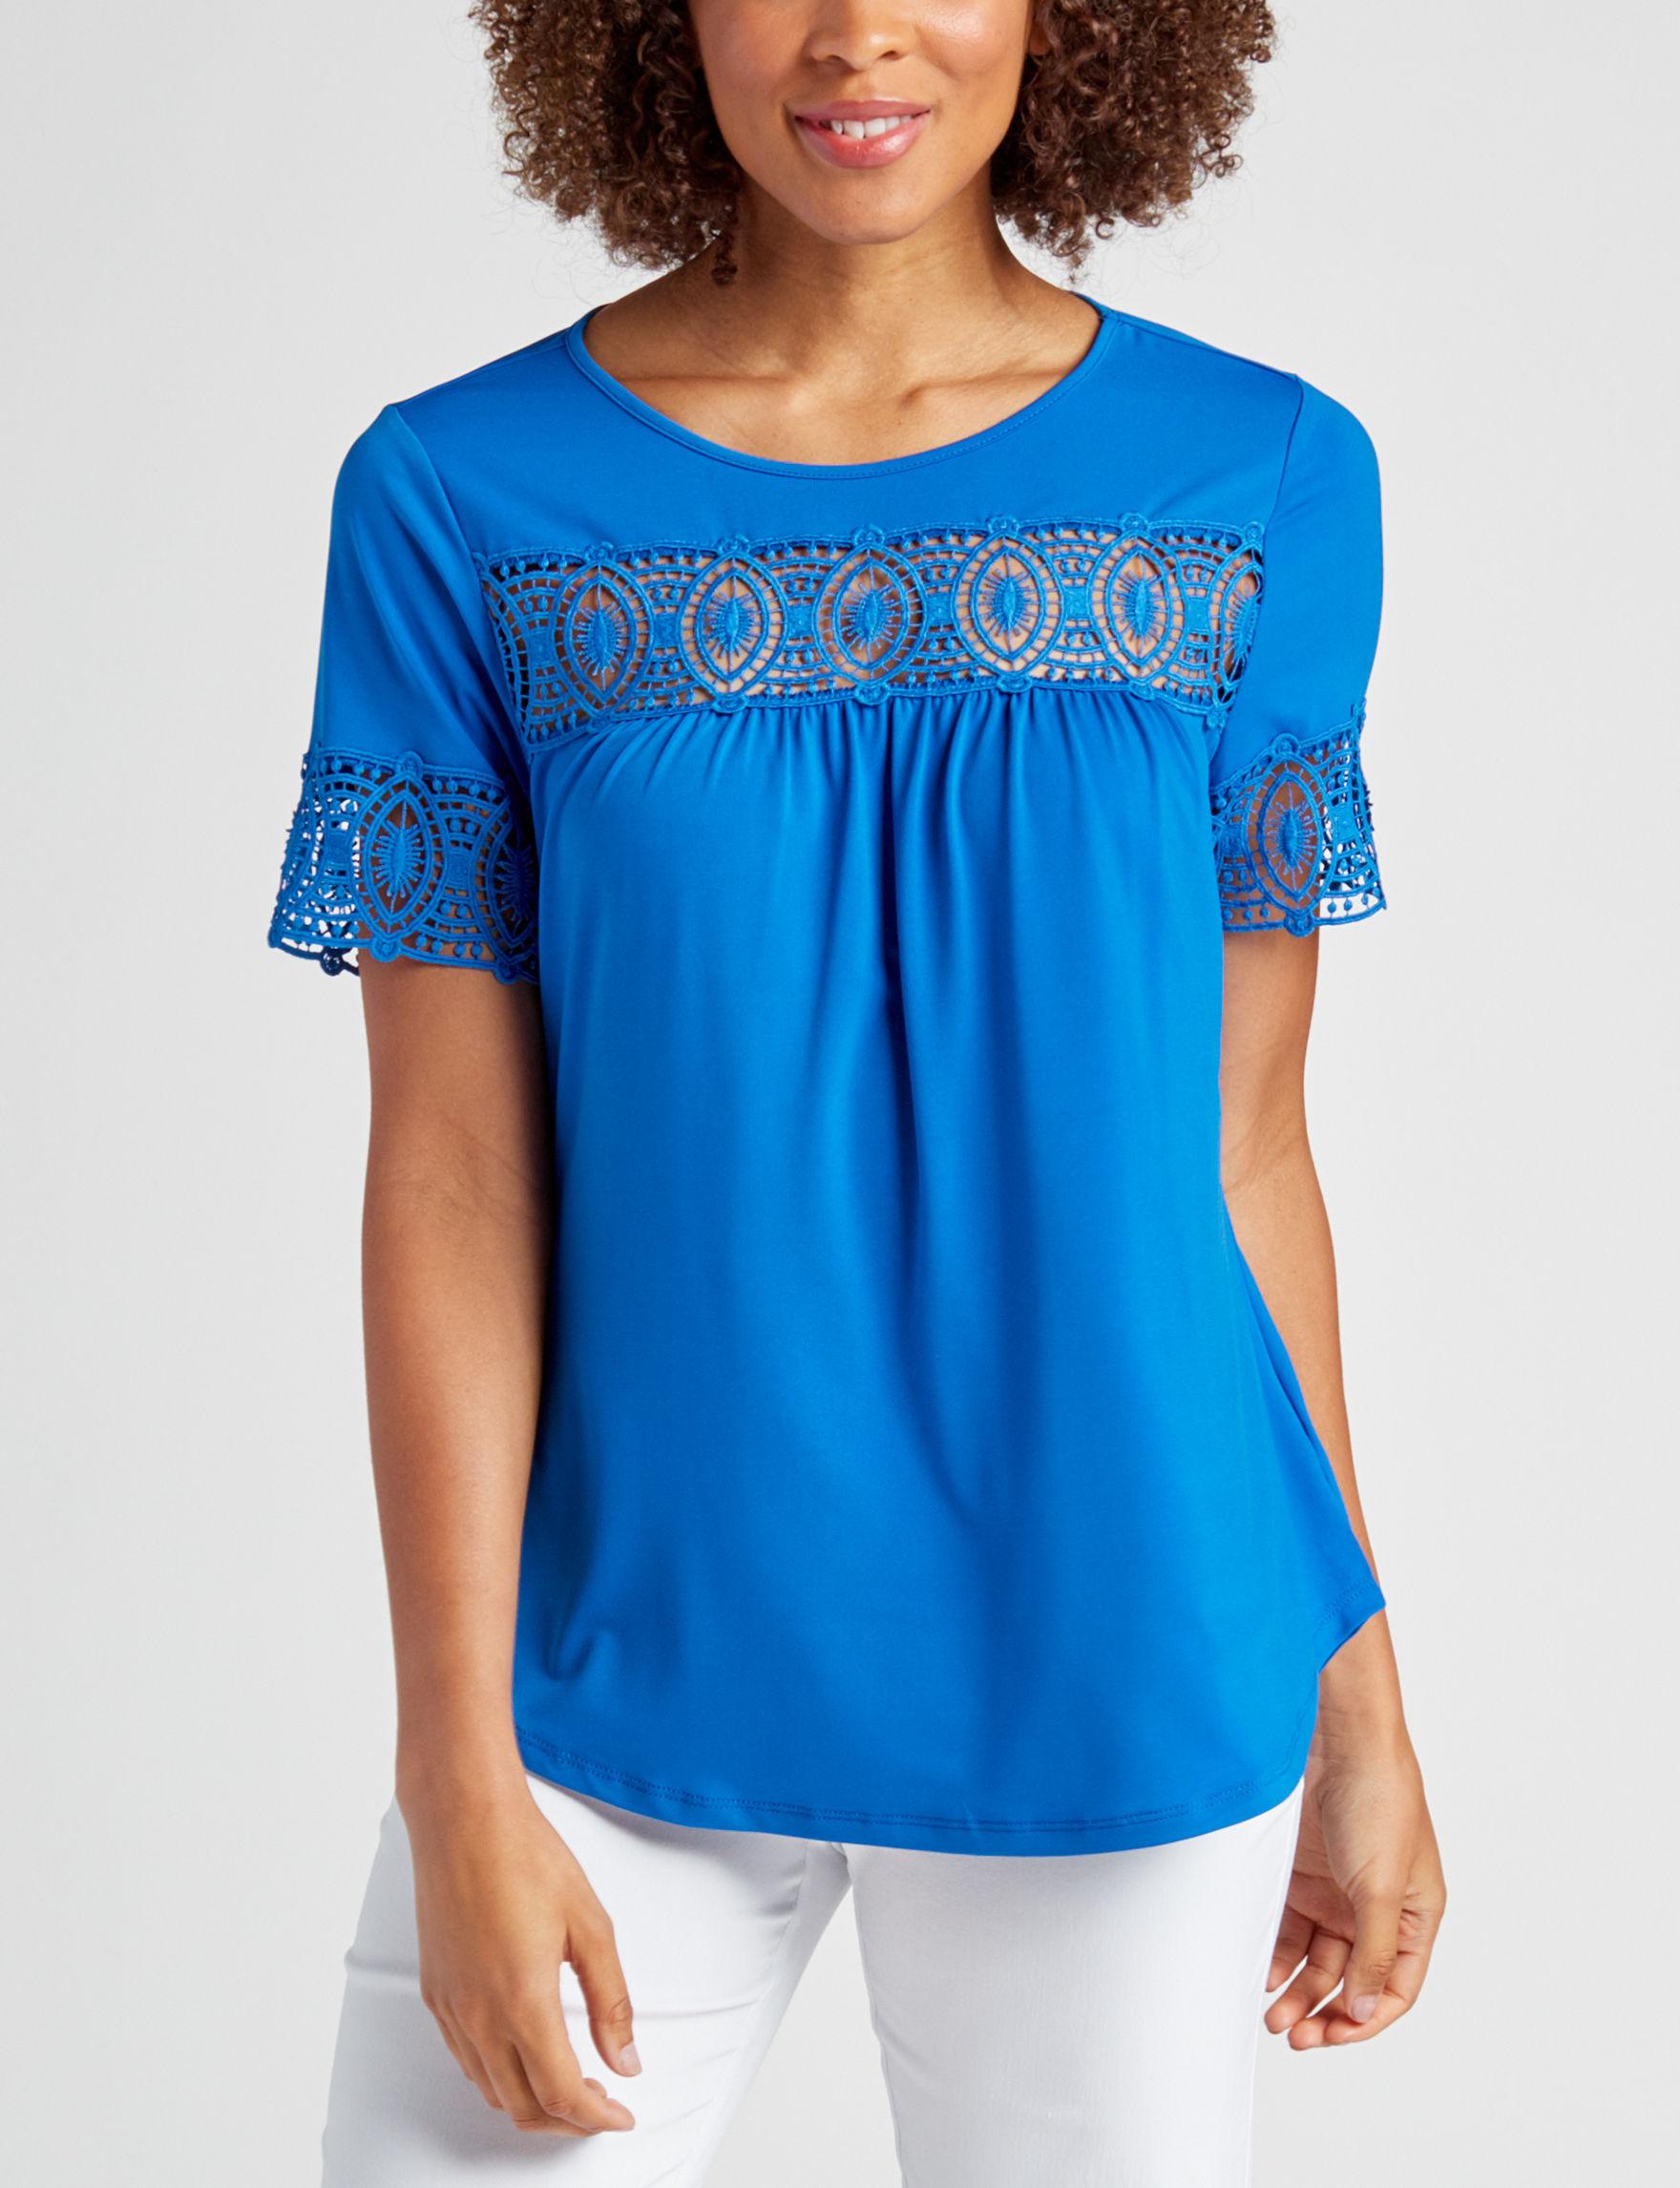 Valerie Stevens Blue Shirts & Blouses